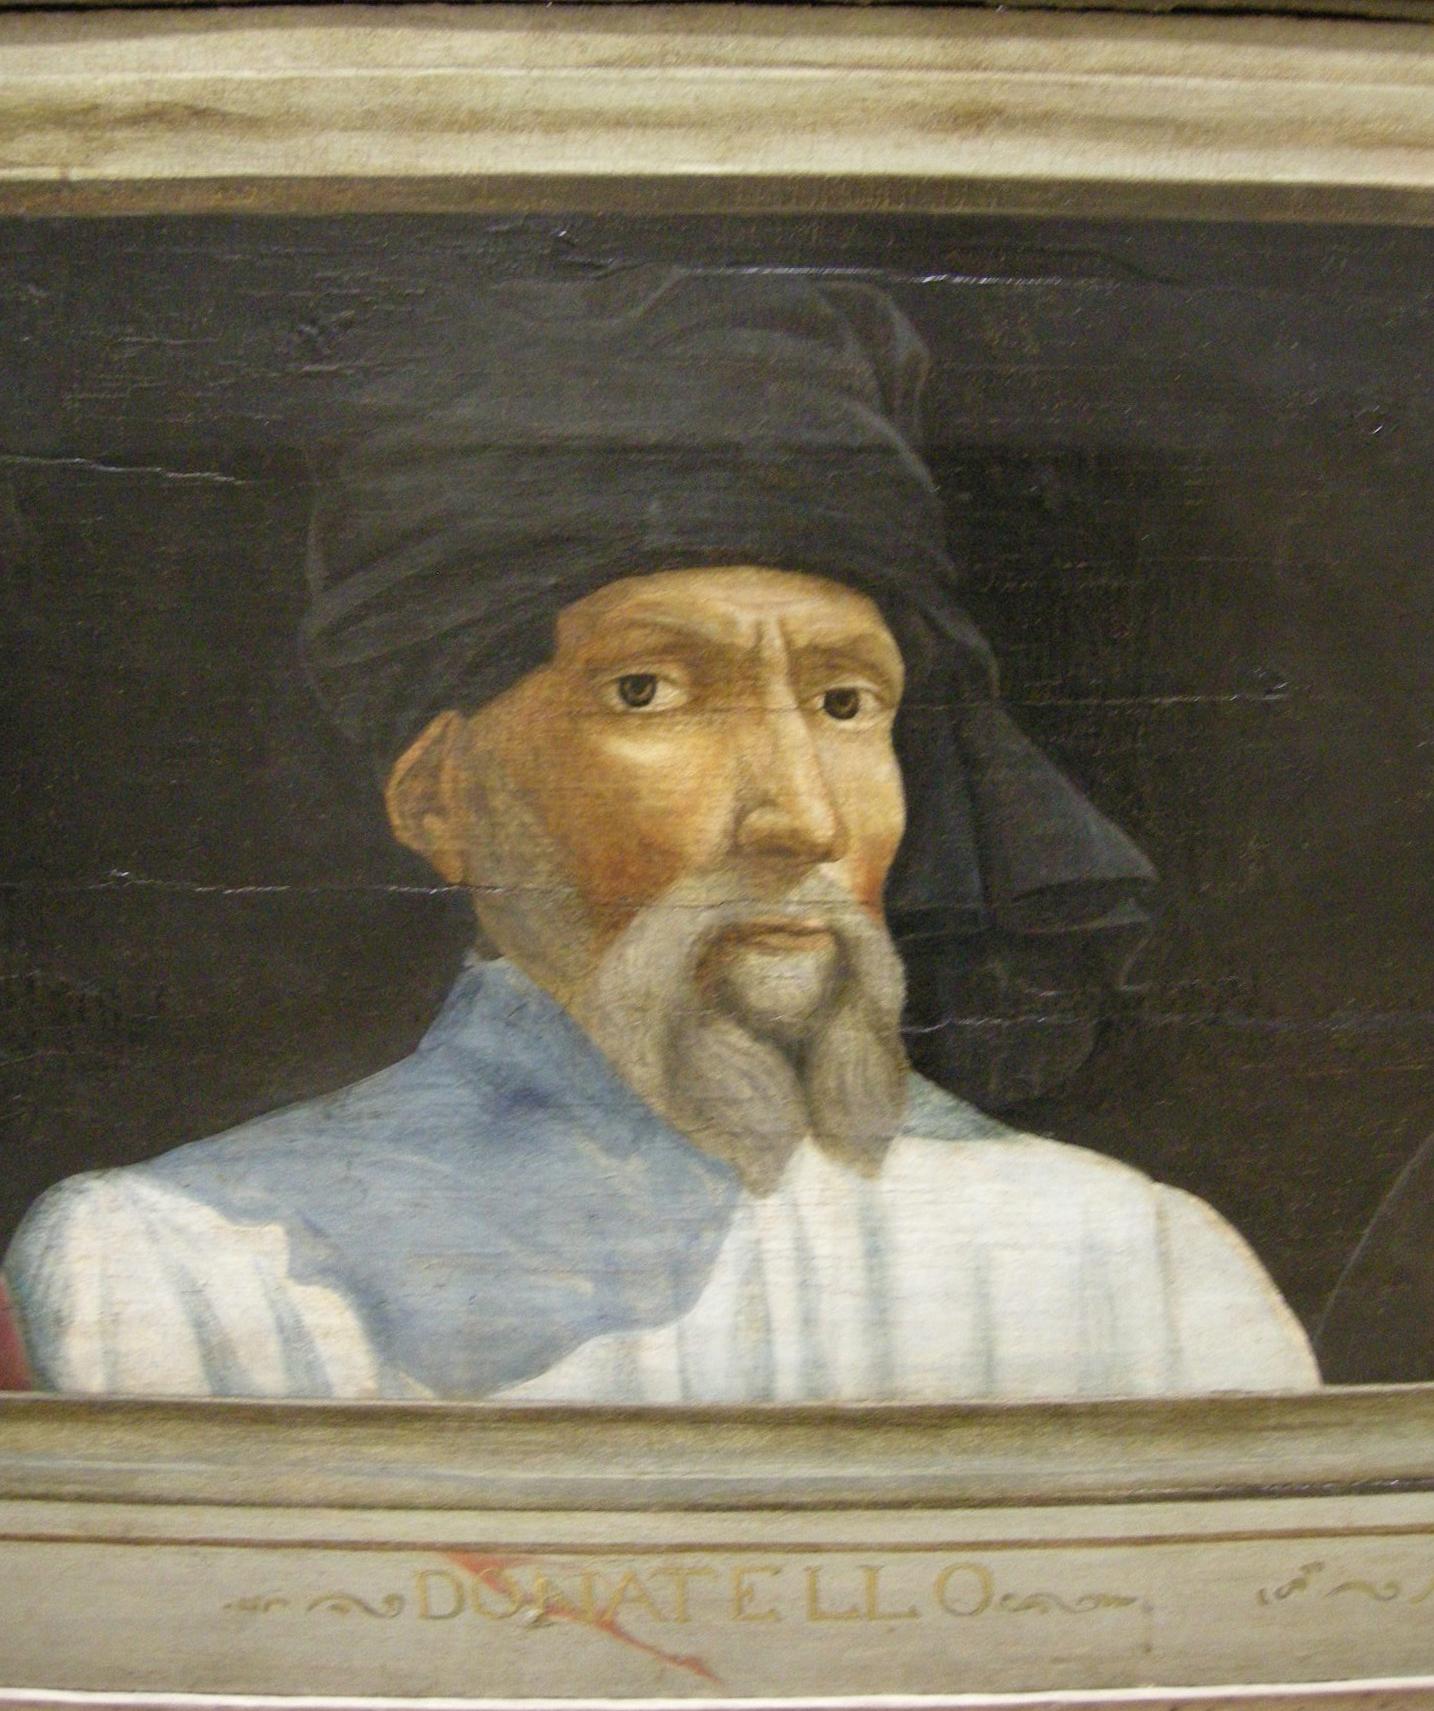 Ritratto di Donatello, anonimo del XVI secolo, Louvre